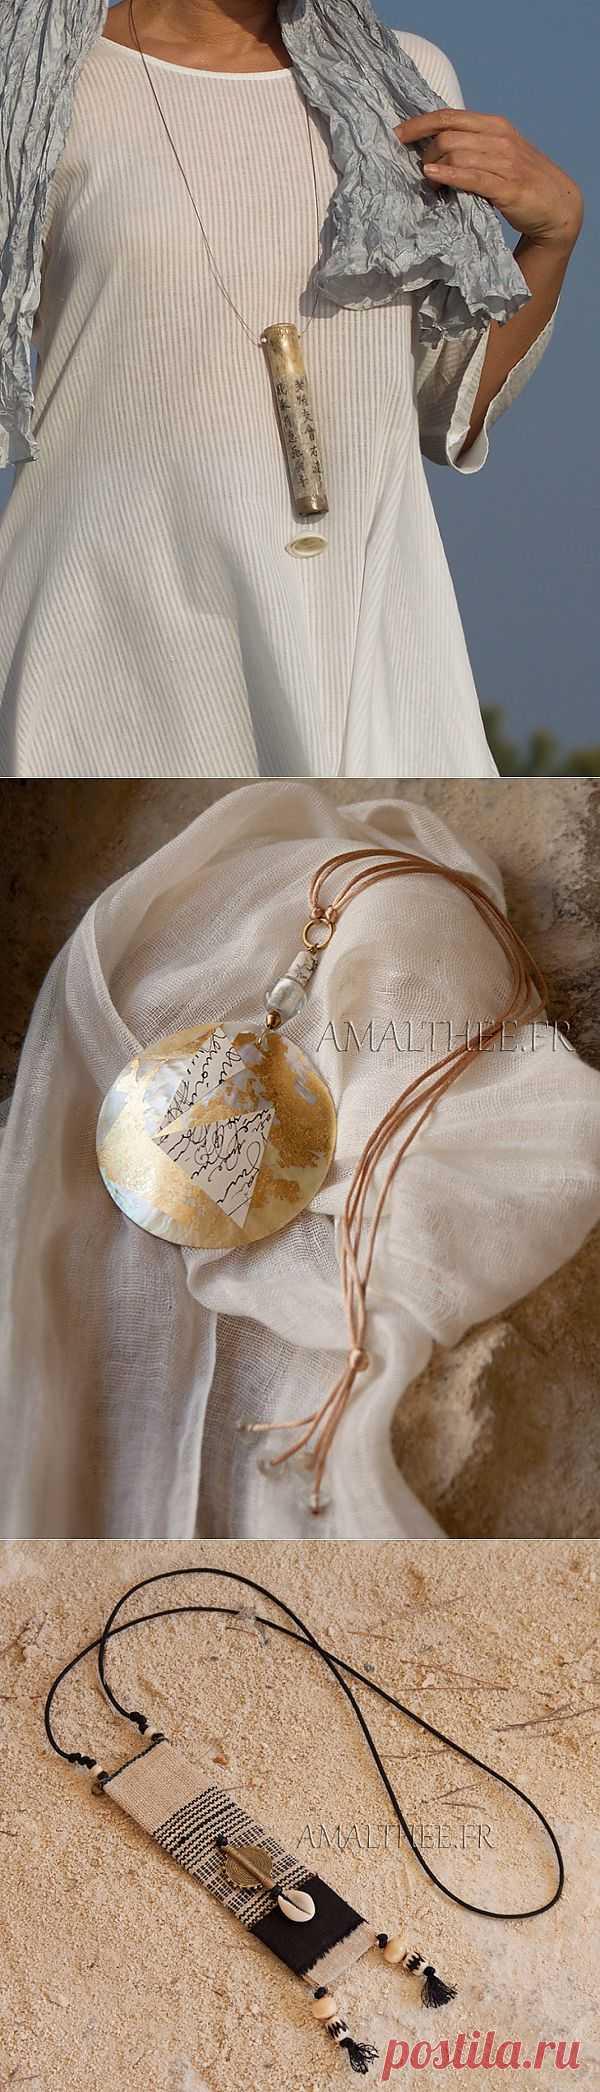 AMALTHEE бижутерия / Детали / Модный сайт о стильной переделке одежды и интерьера